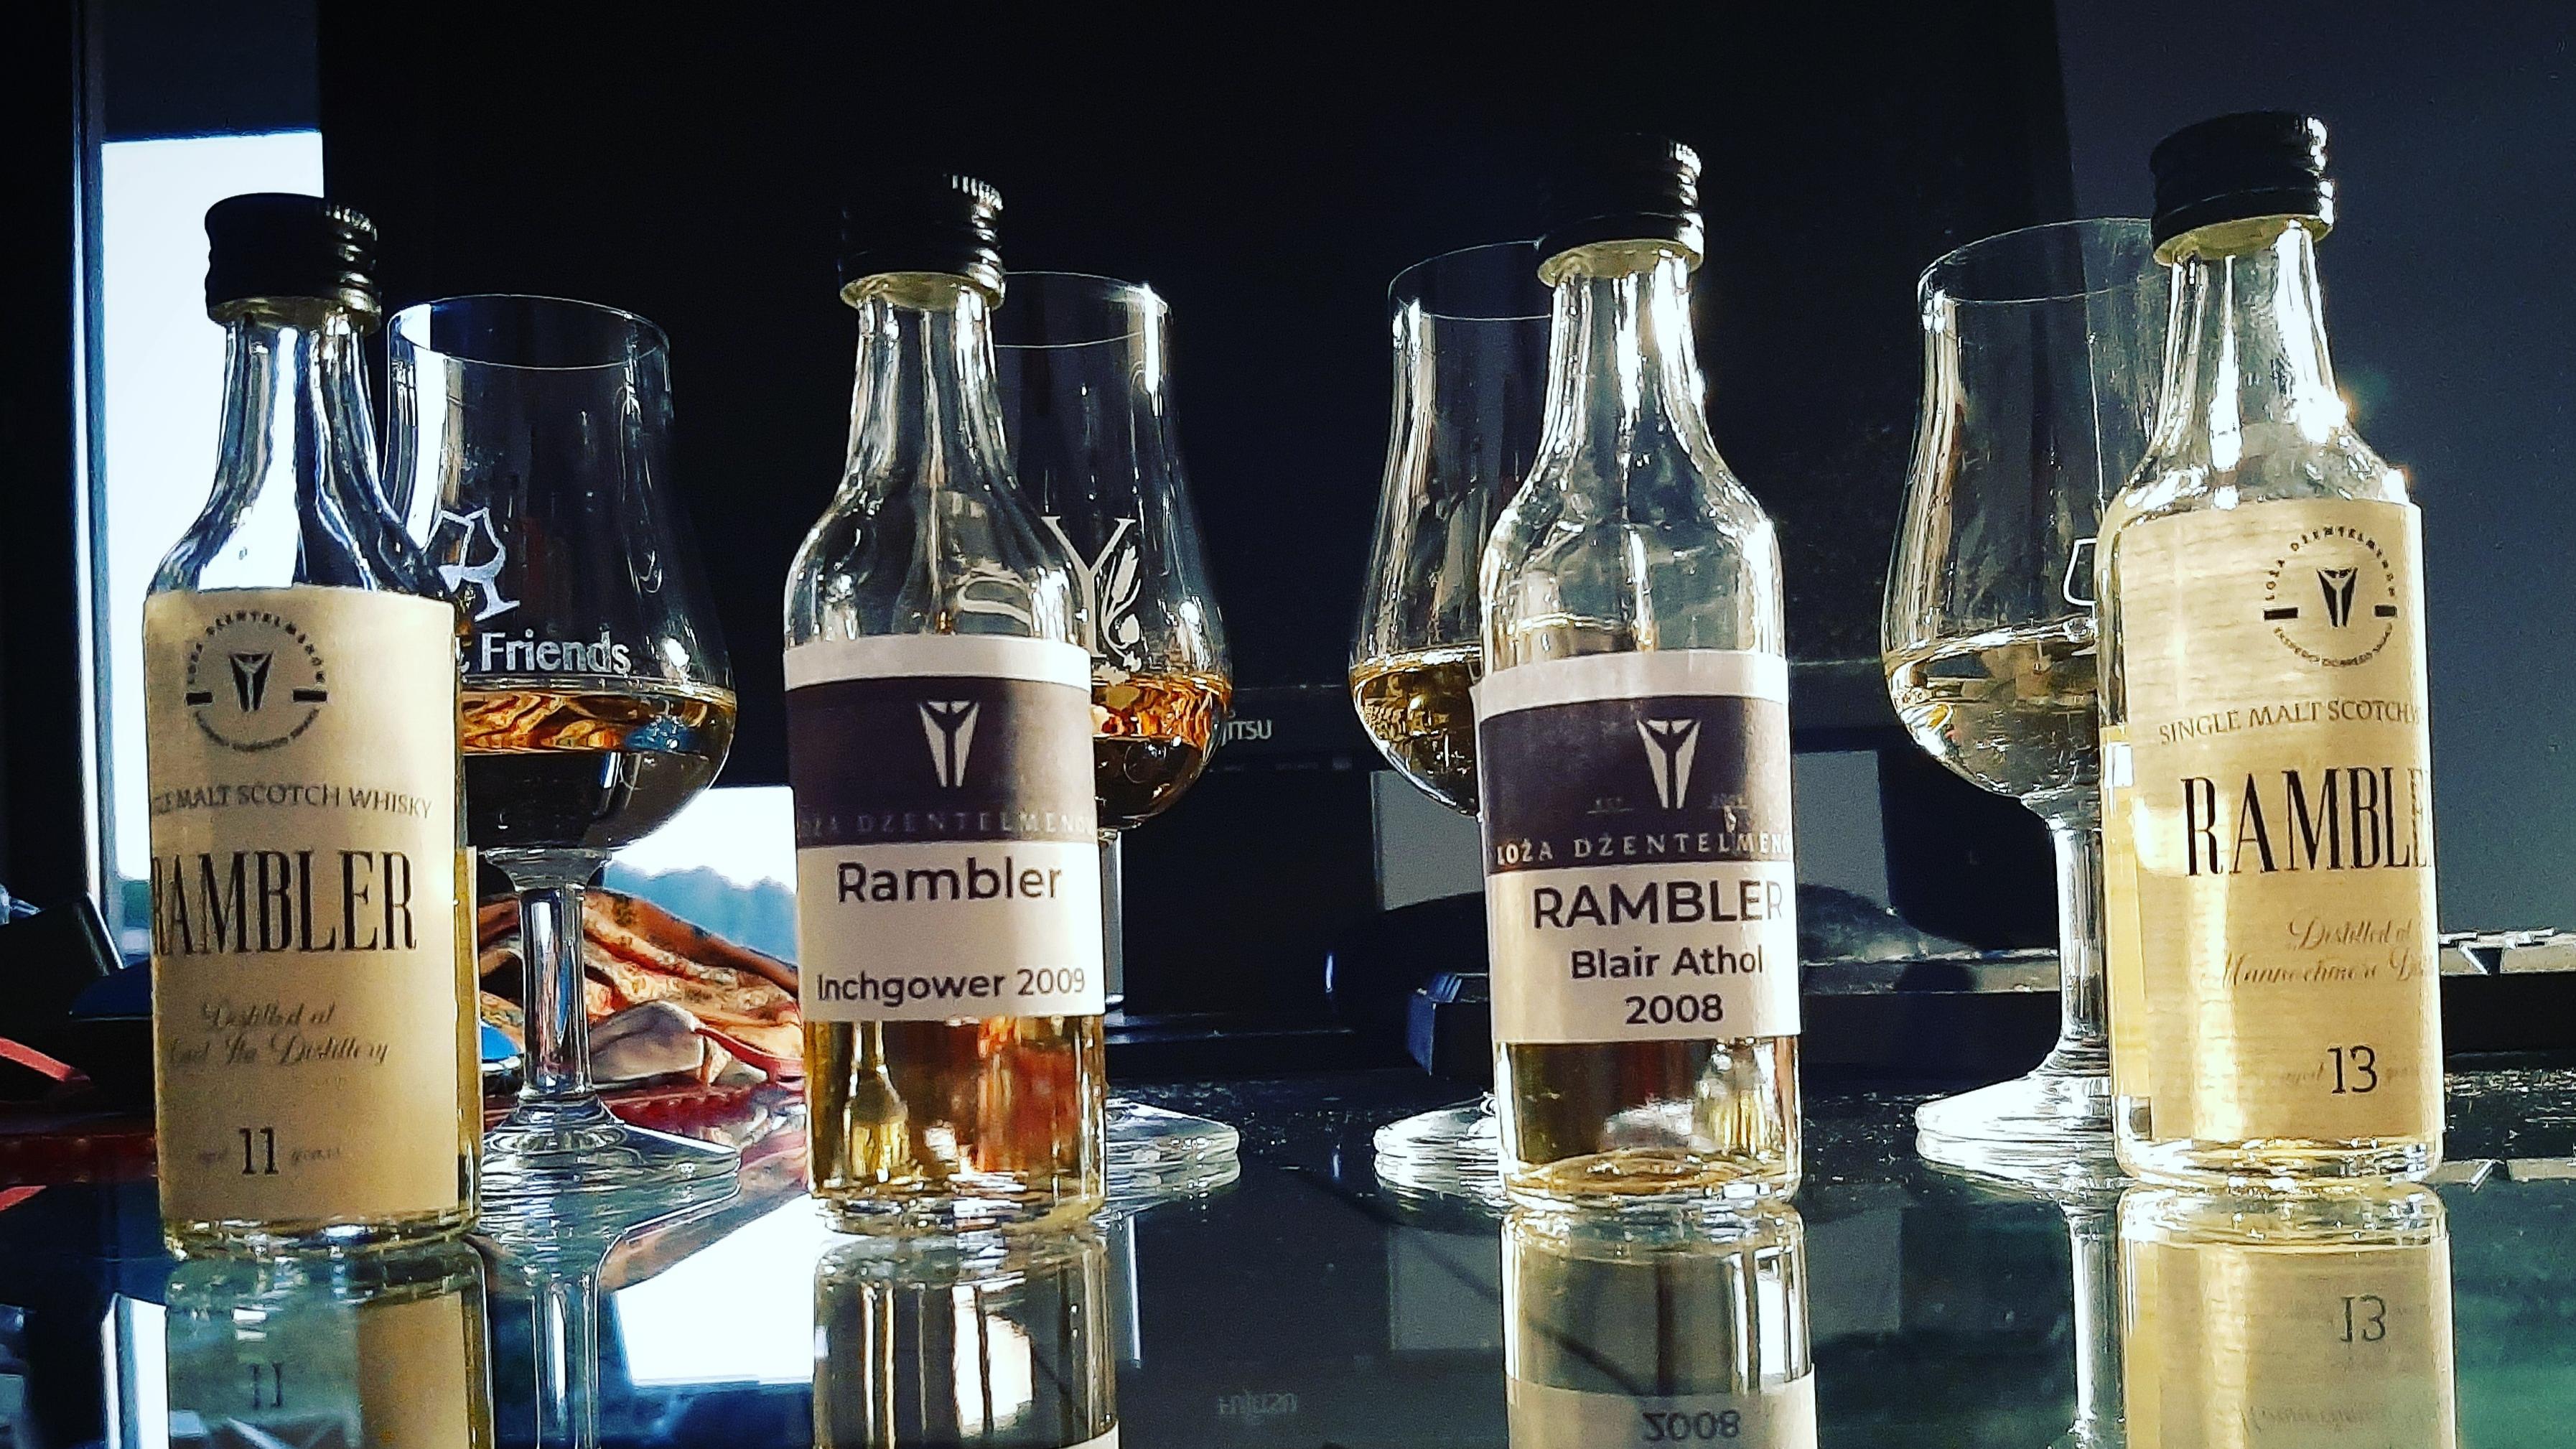 Rambler sample